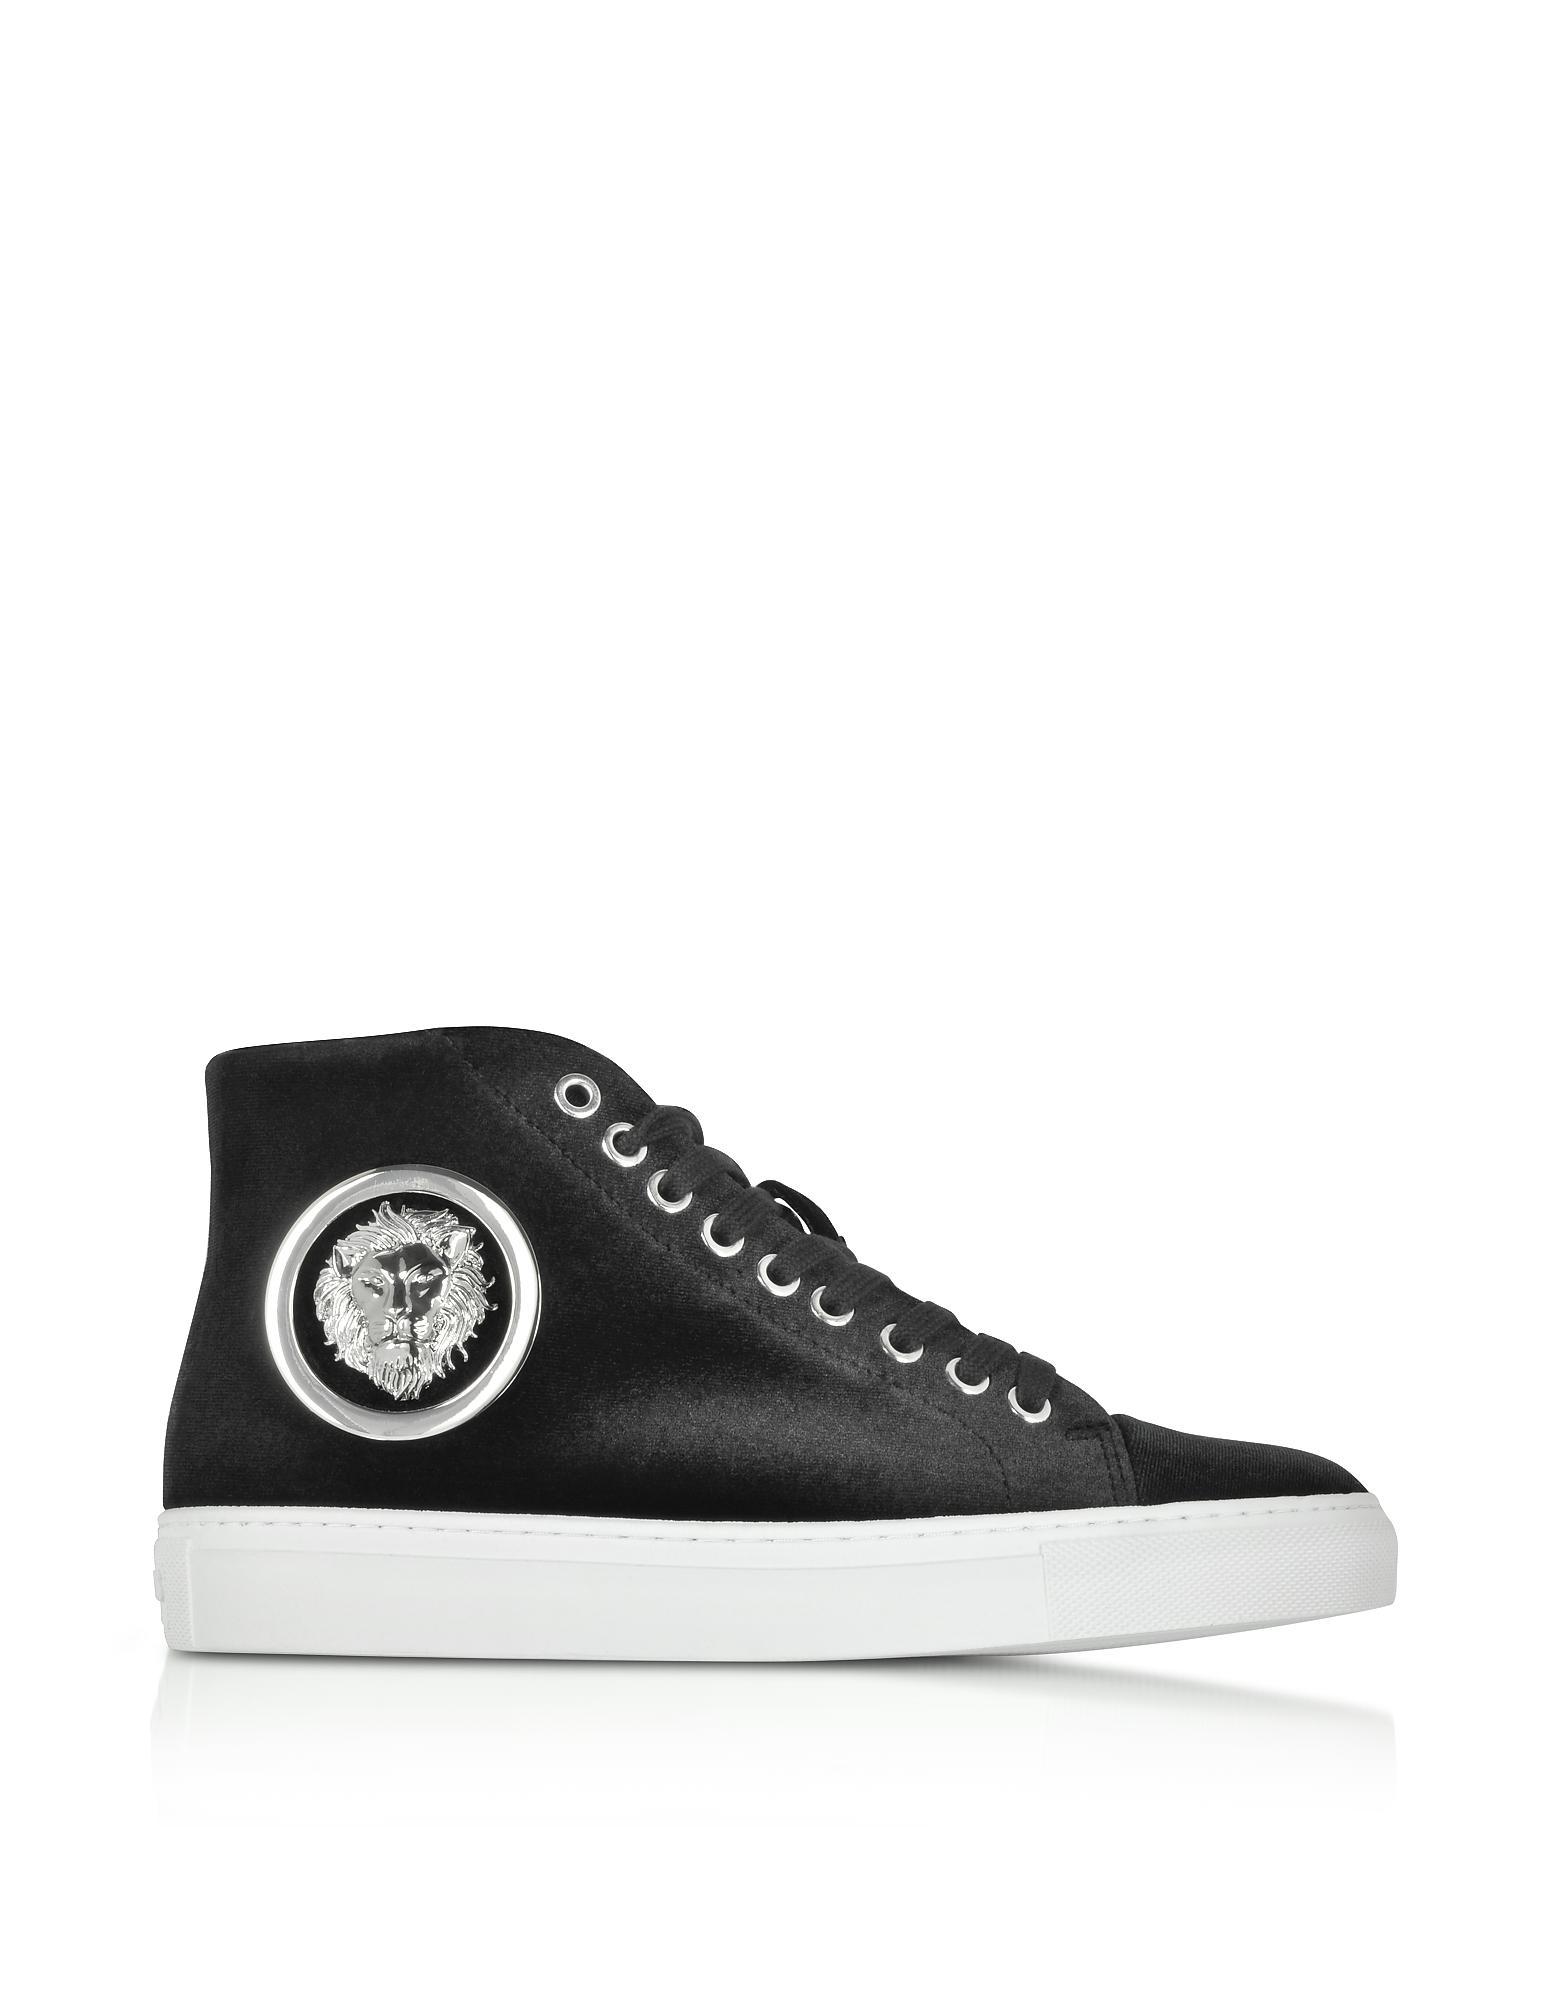 Black Velvet Lion High Top Women's Sneakers